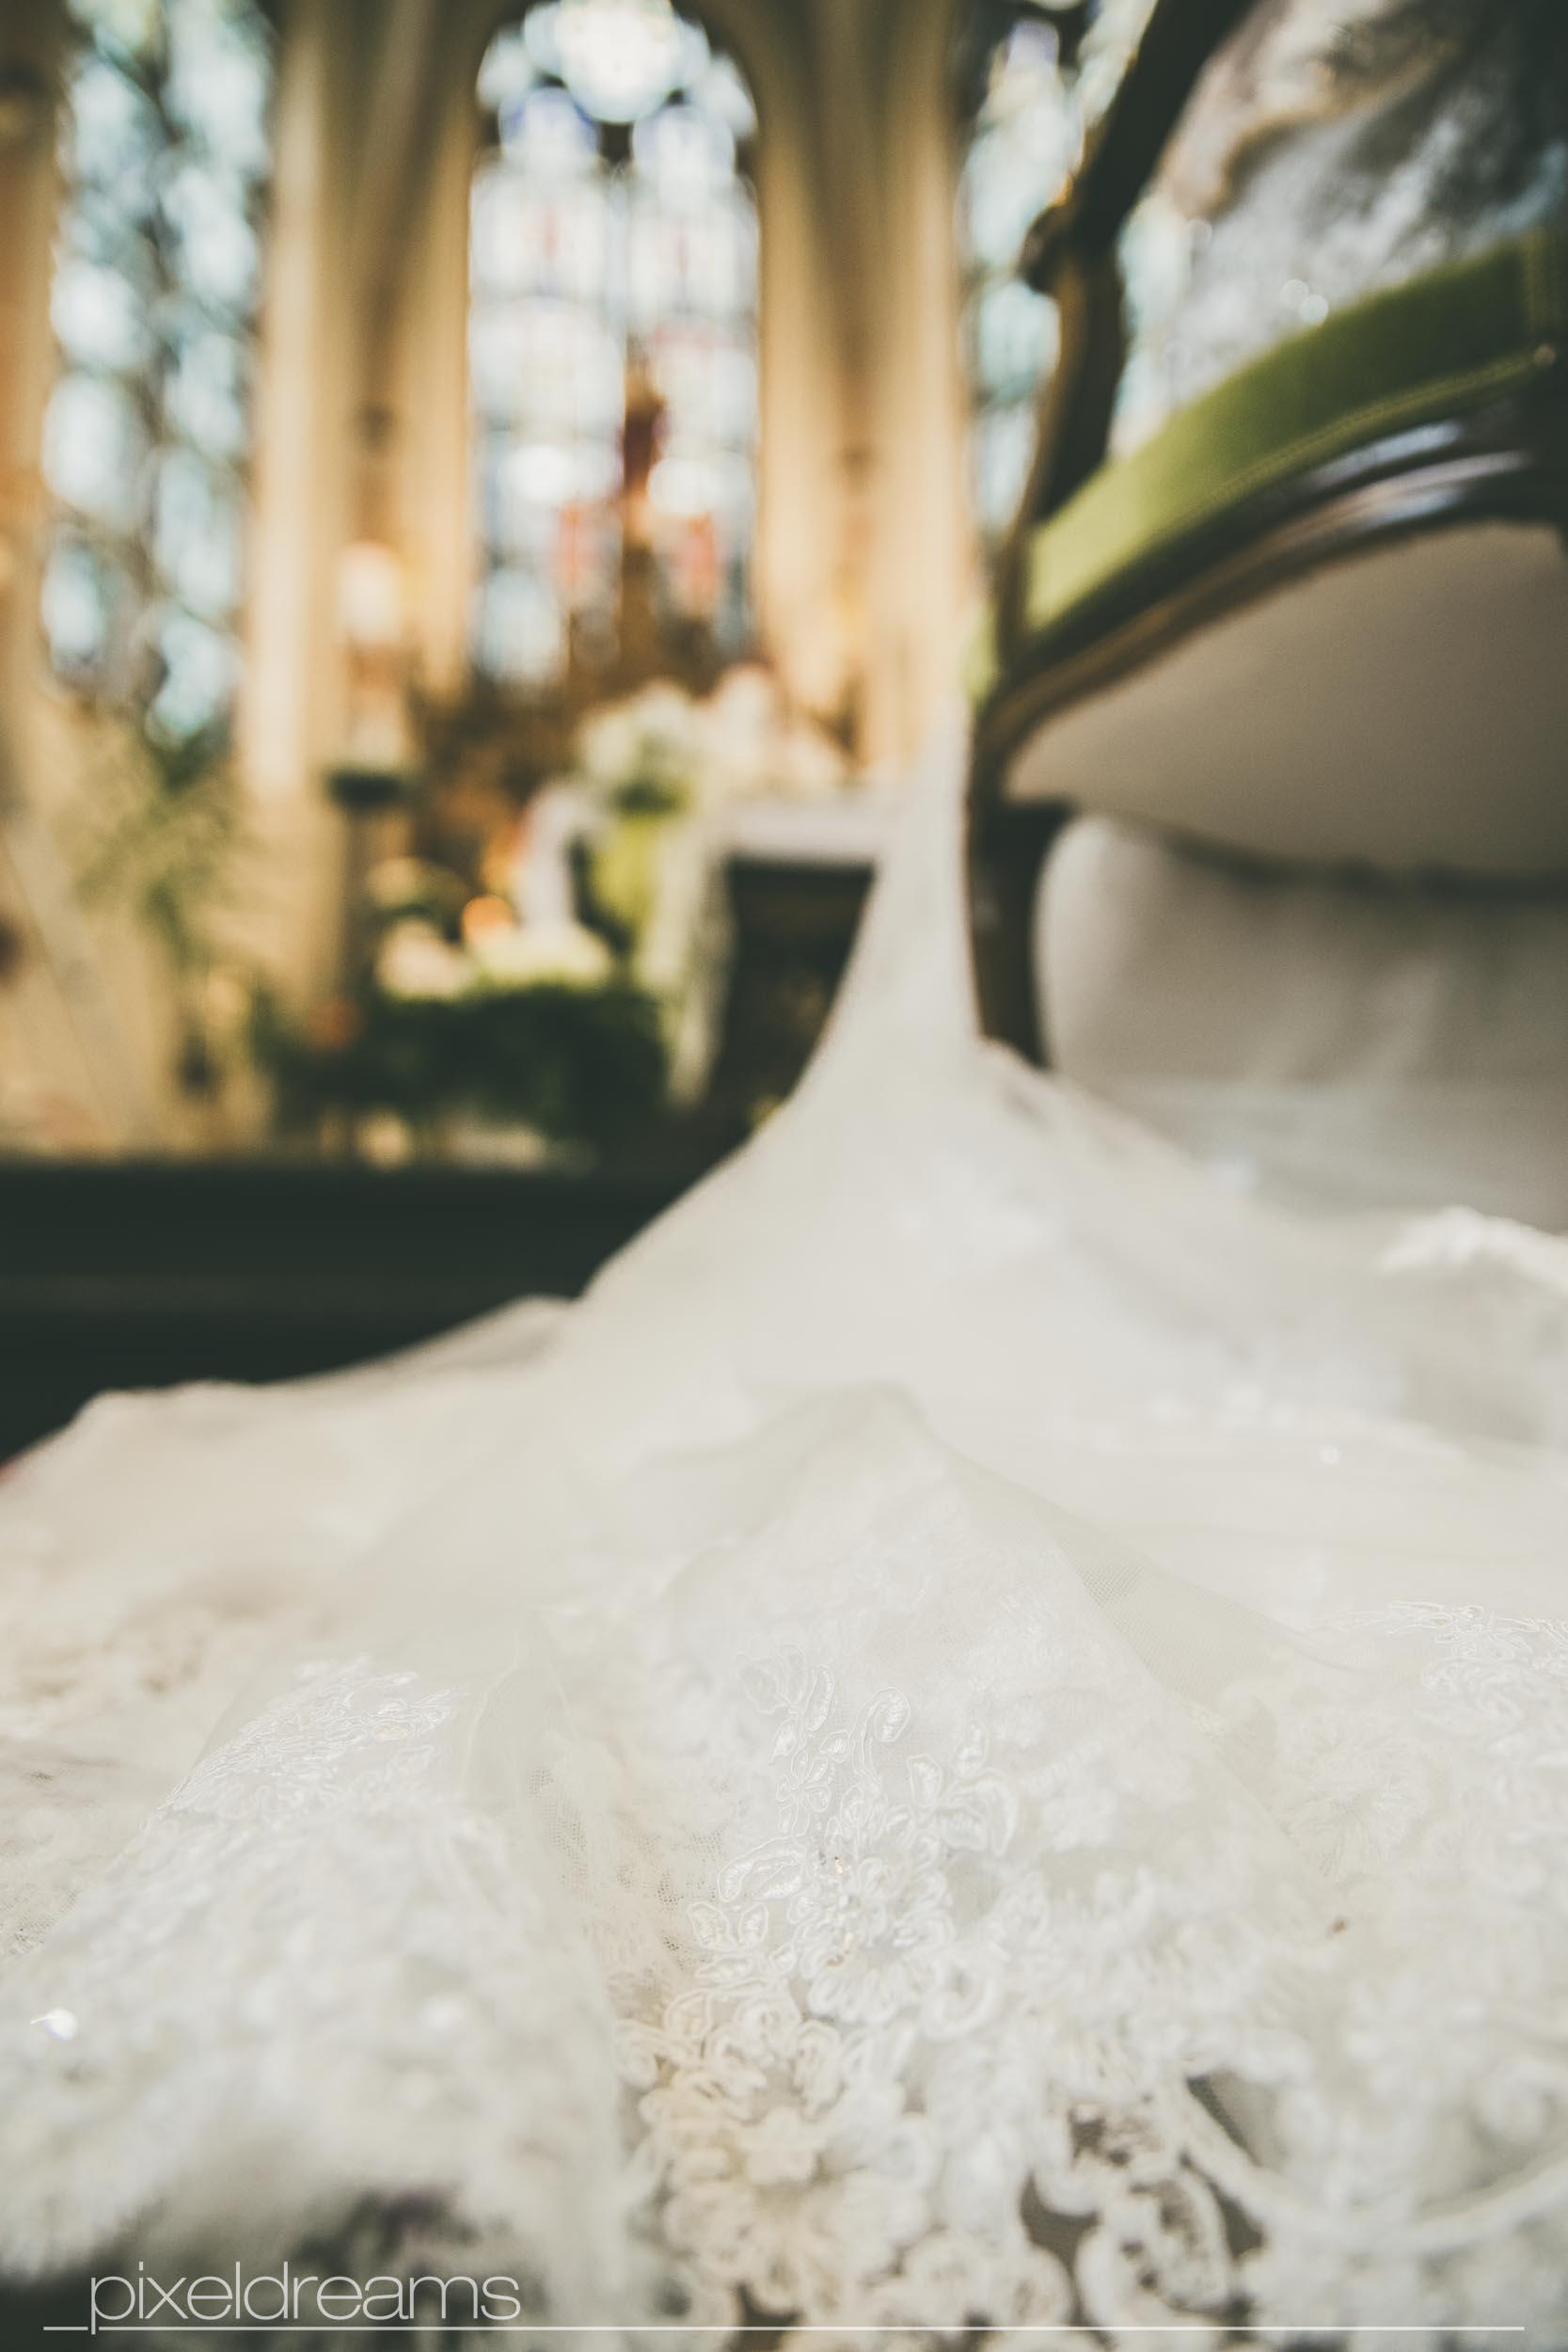 Hochzeitsfoto aus der Froschperspektive. Detailfoto des Brautkleides. Altar der St. Antonius Kirche in Swisttal in unscharfem Hintergrund zu sehen.